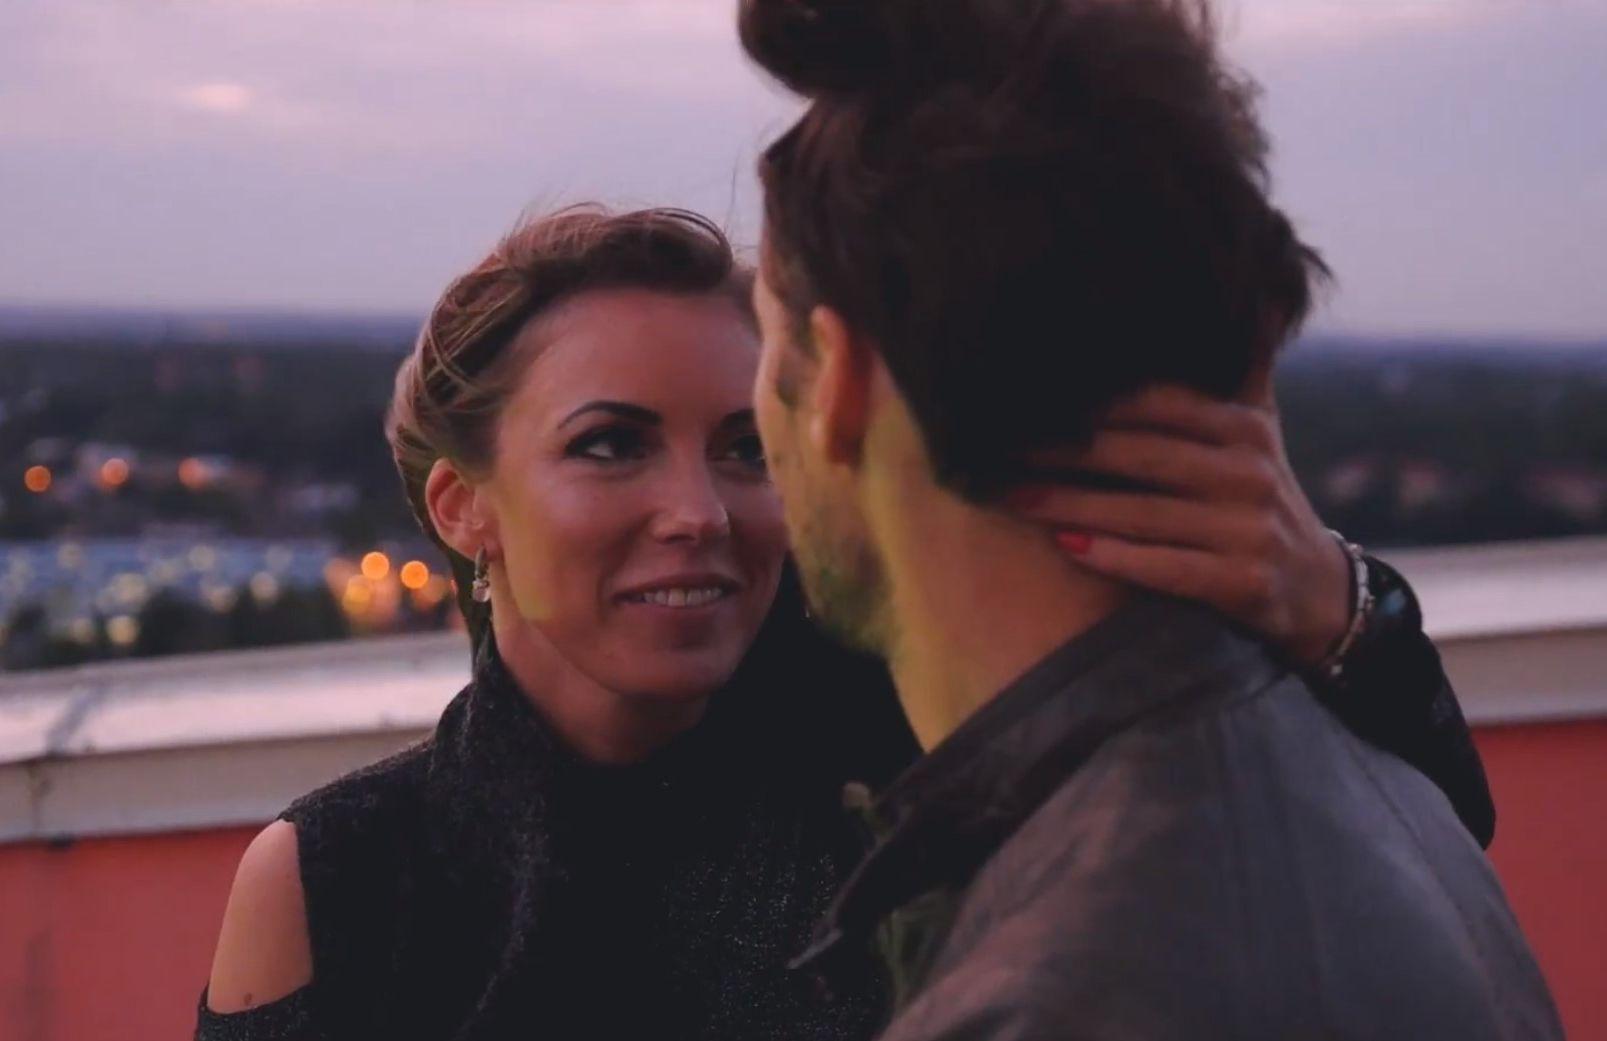 """VIDEO! Tõelised fännid! Fännid tegid Alen Veziko laulu """"Lõpuks leidsin Sind"""" versioonist muusikavideo"""